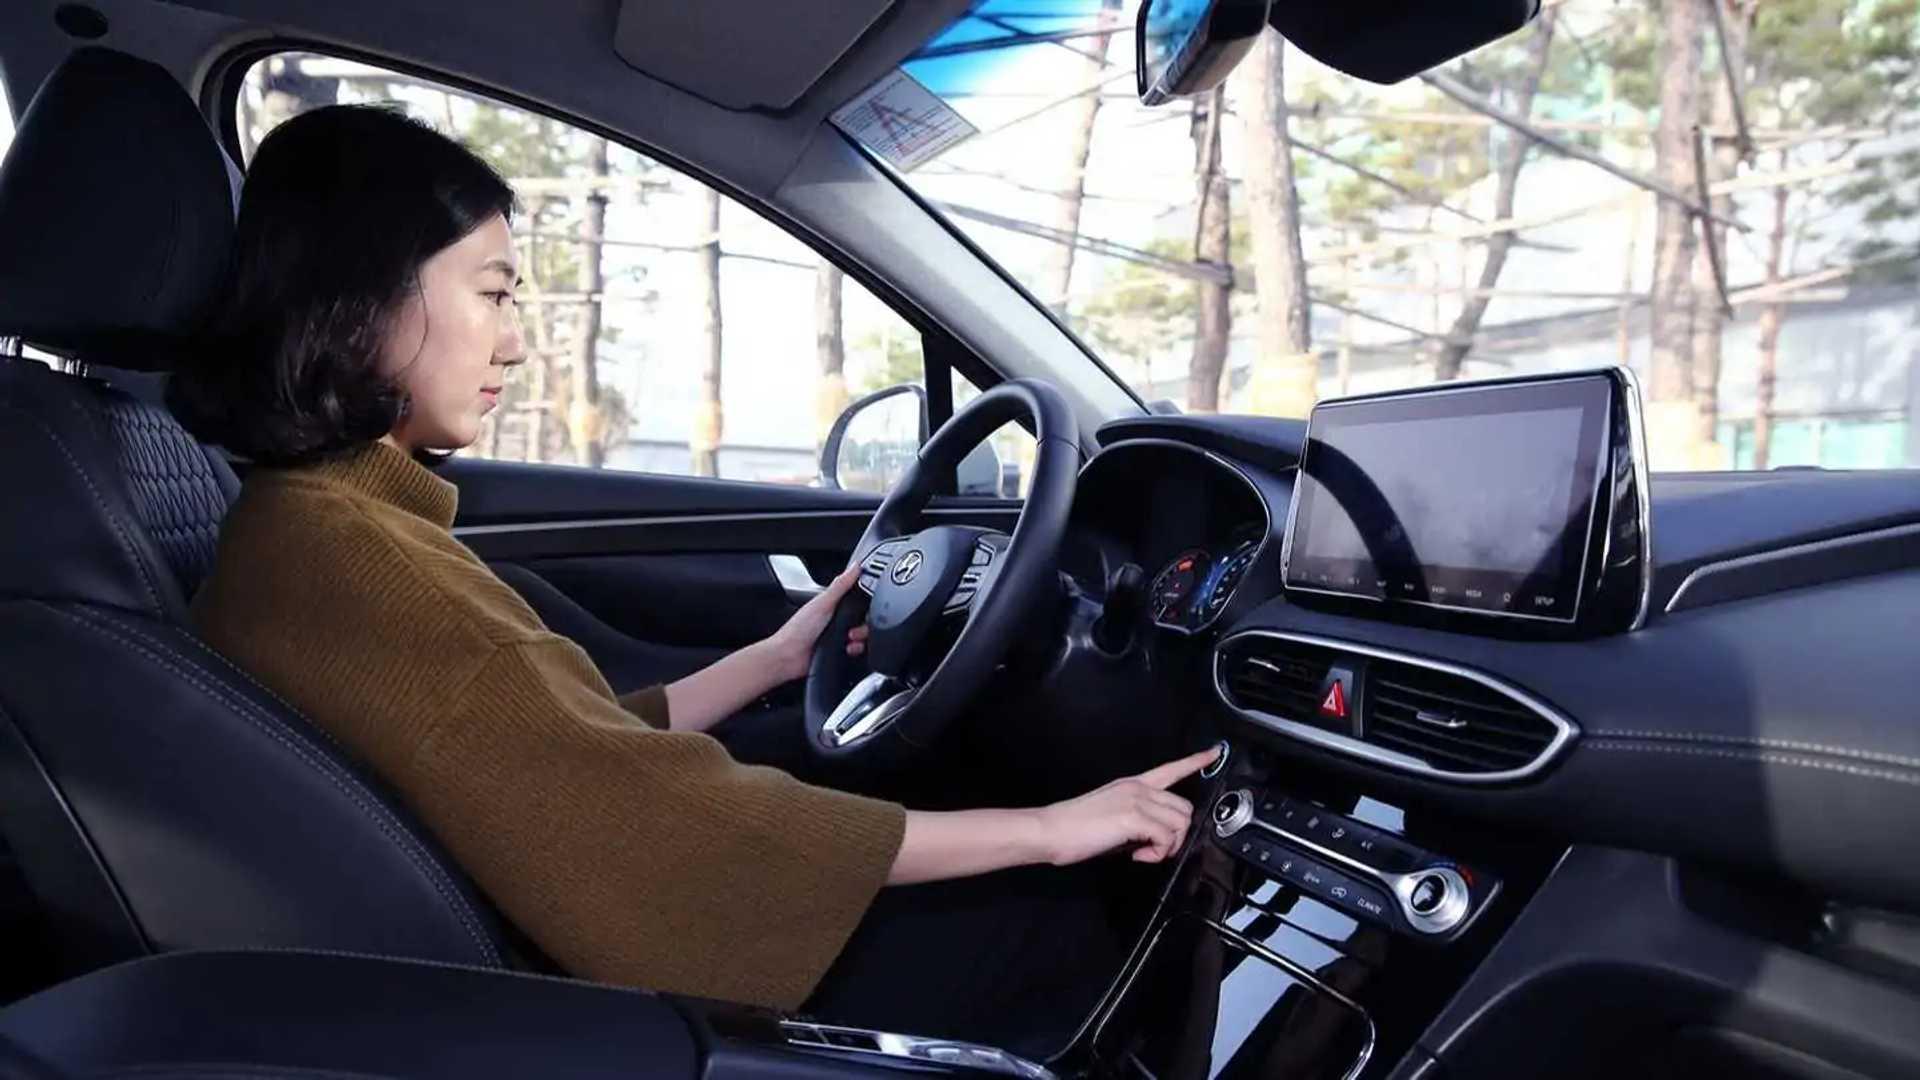 """Résultat de recherche d'images pour """"empreinte digitale pour voiture"""""""